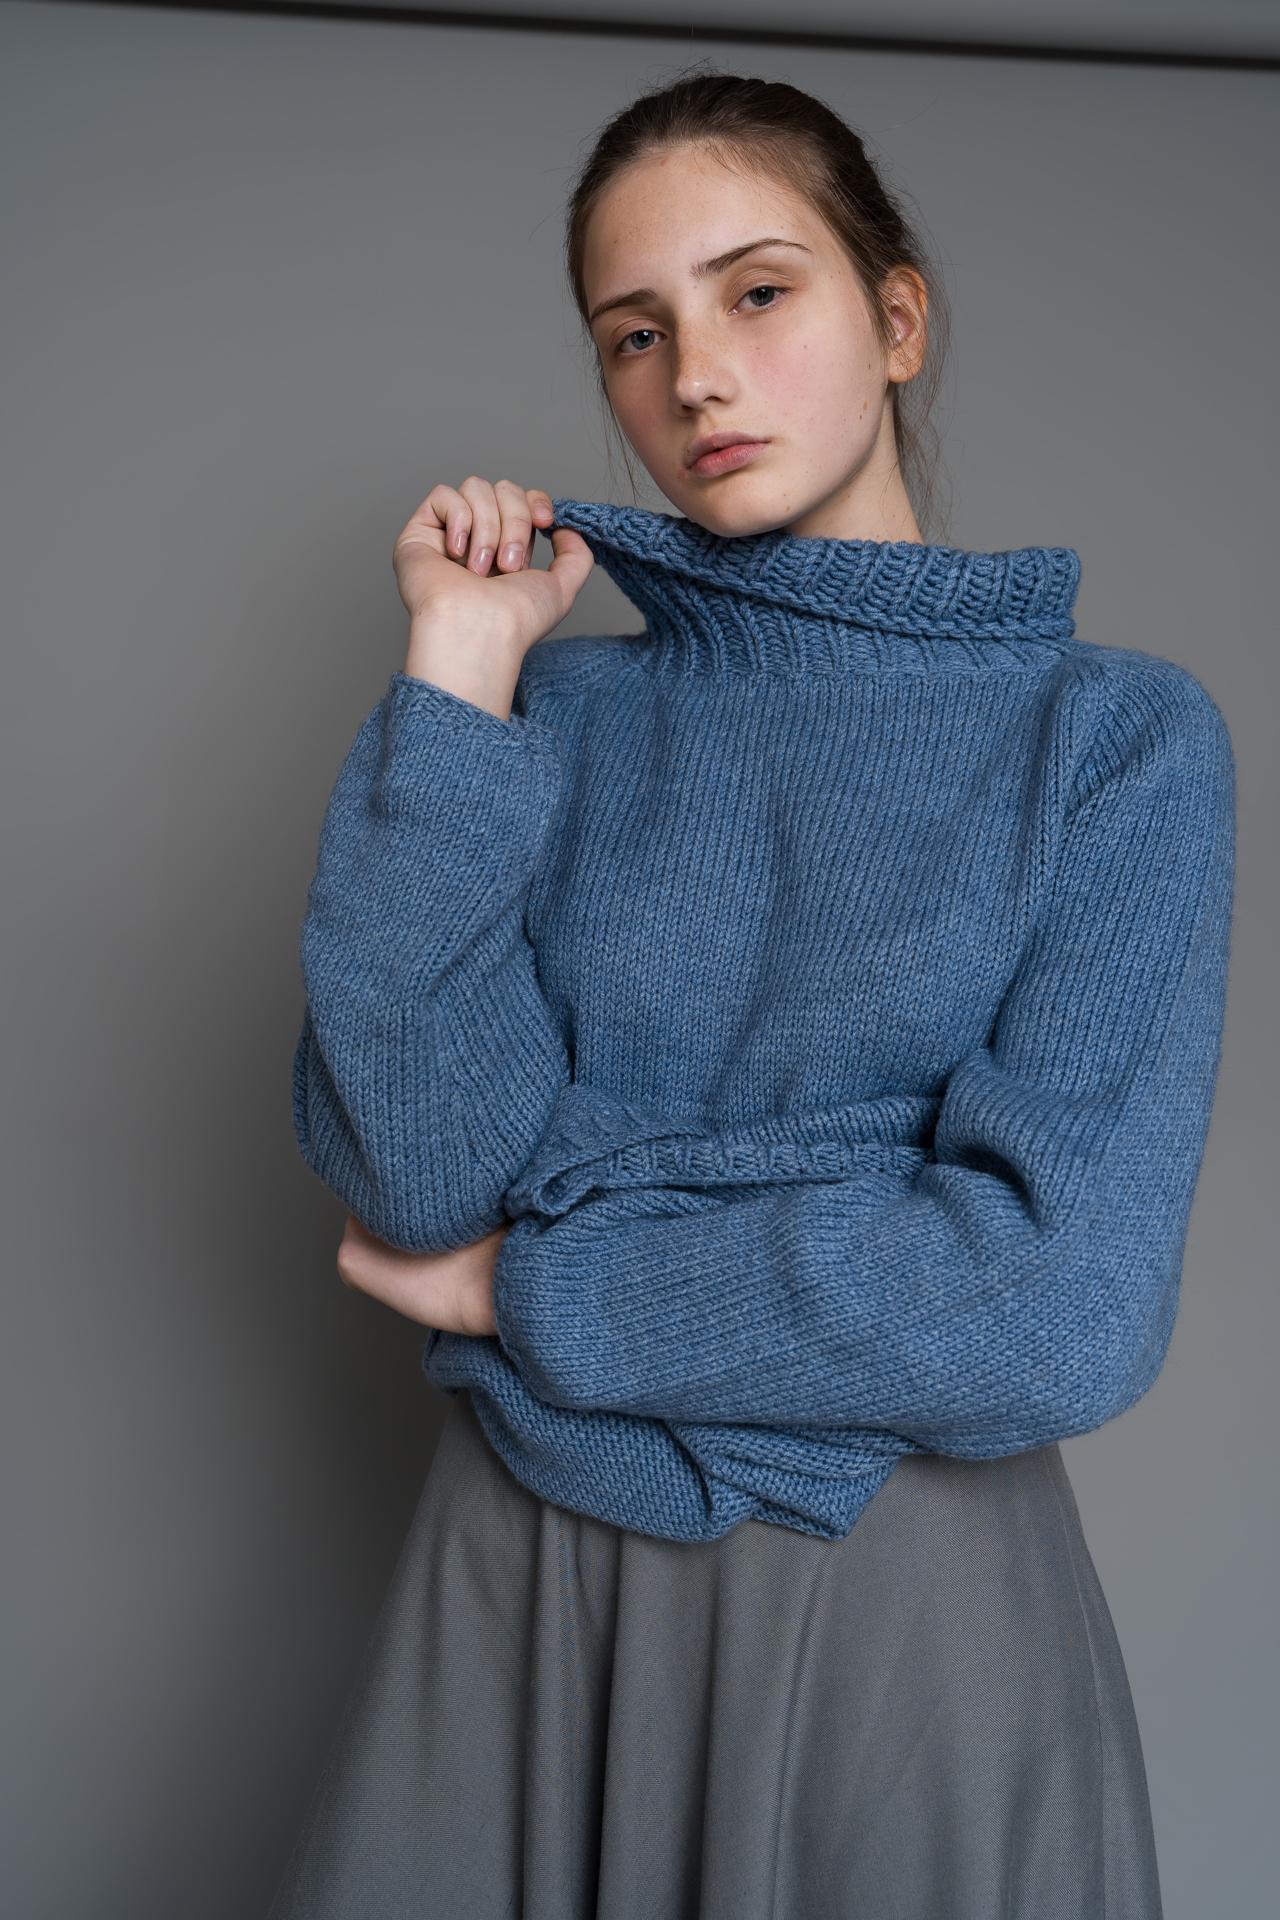 Anastasia O